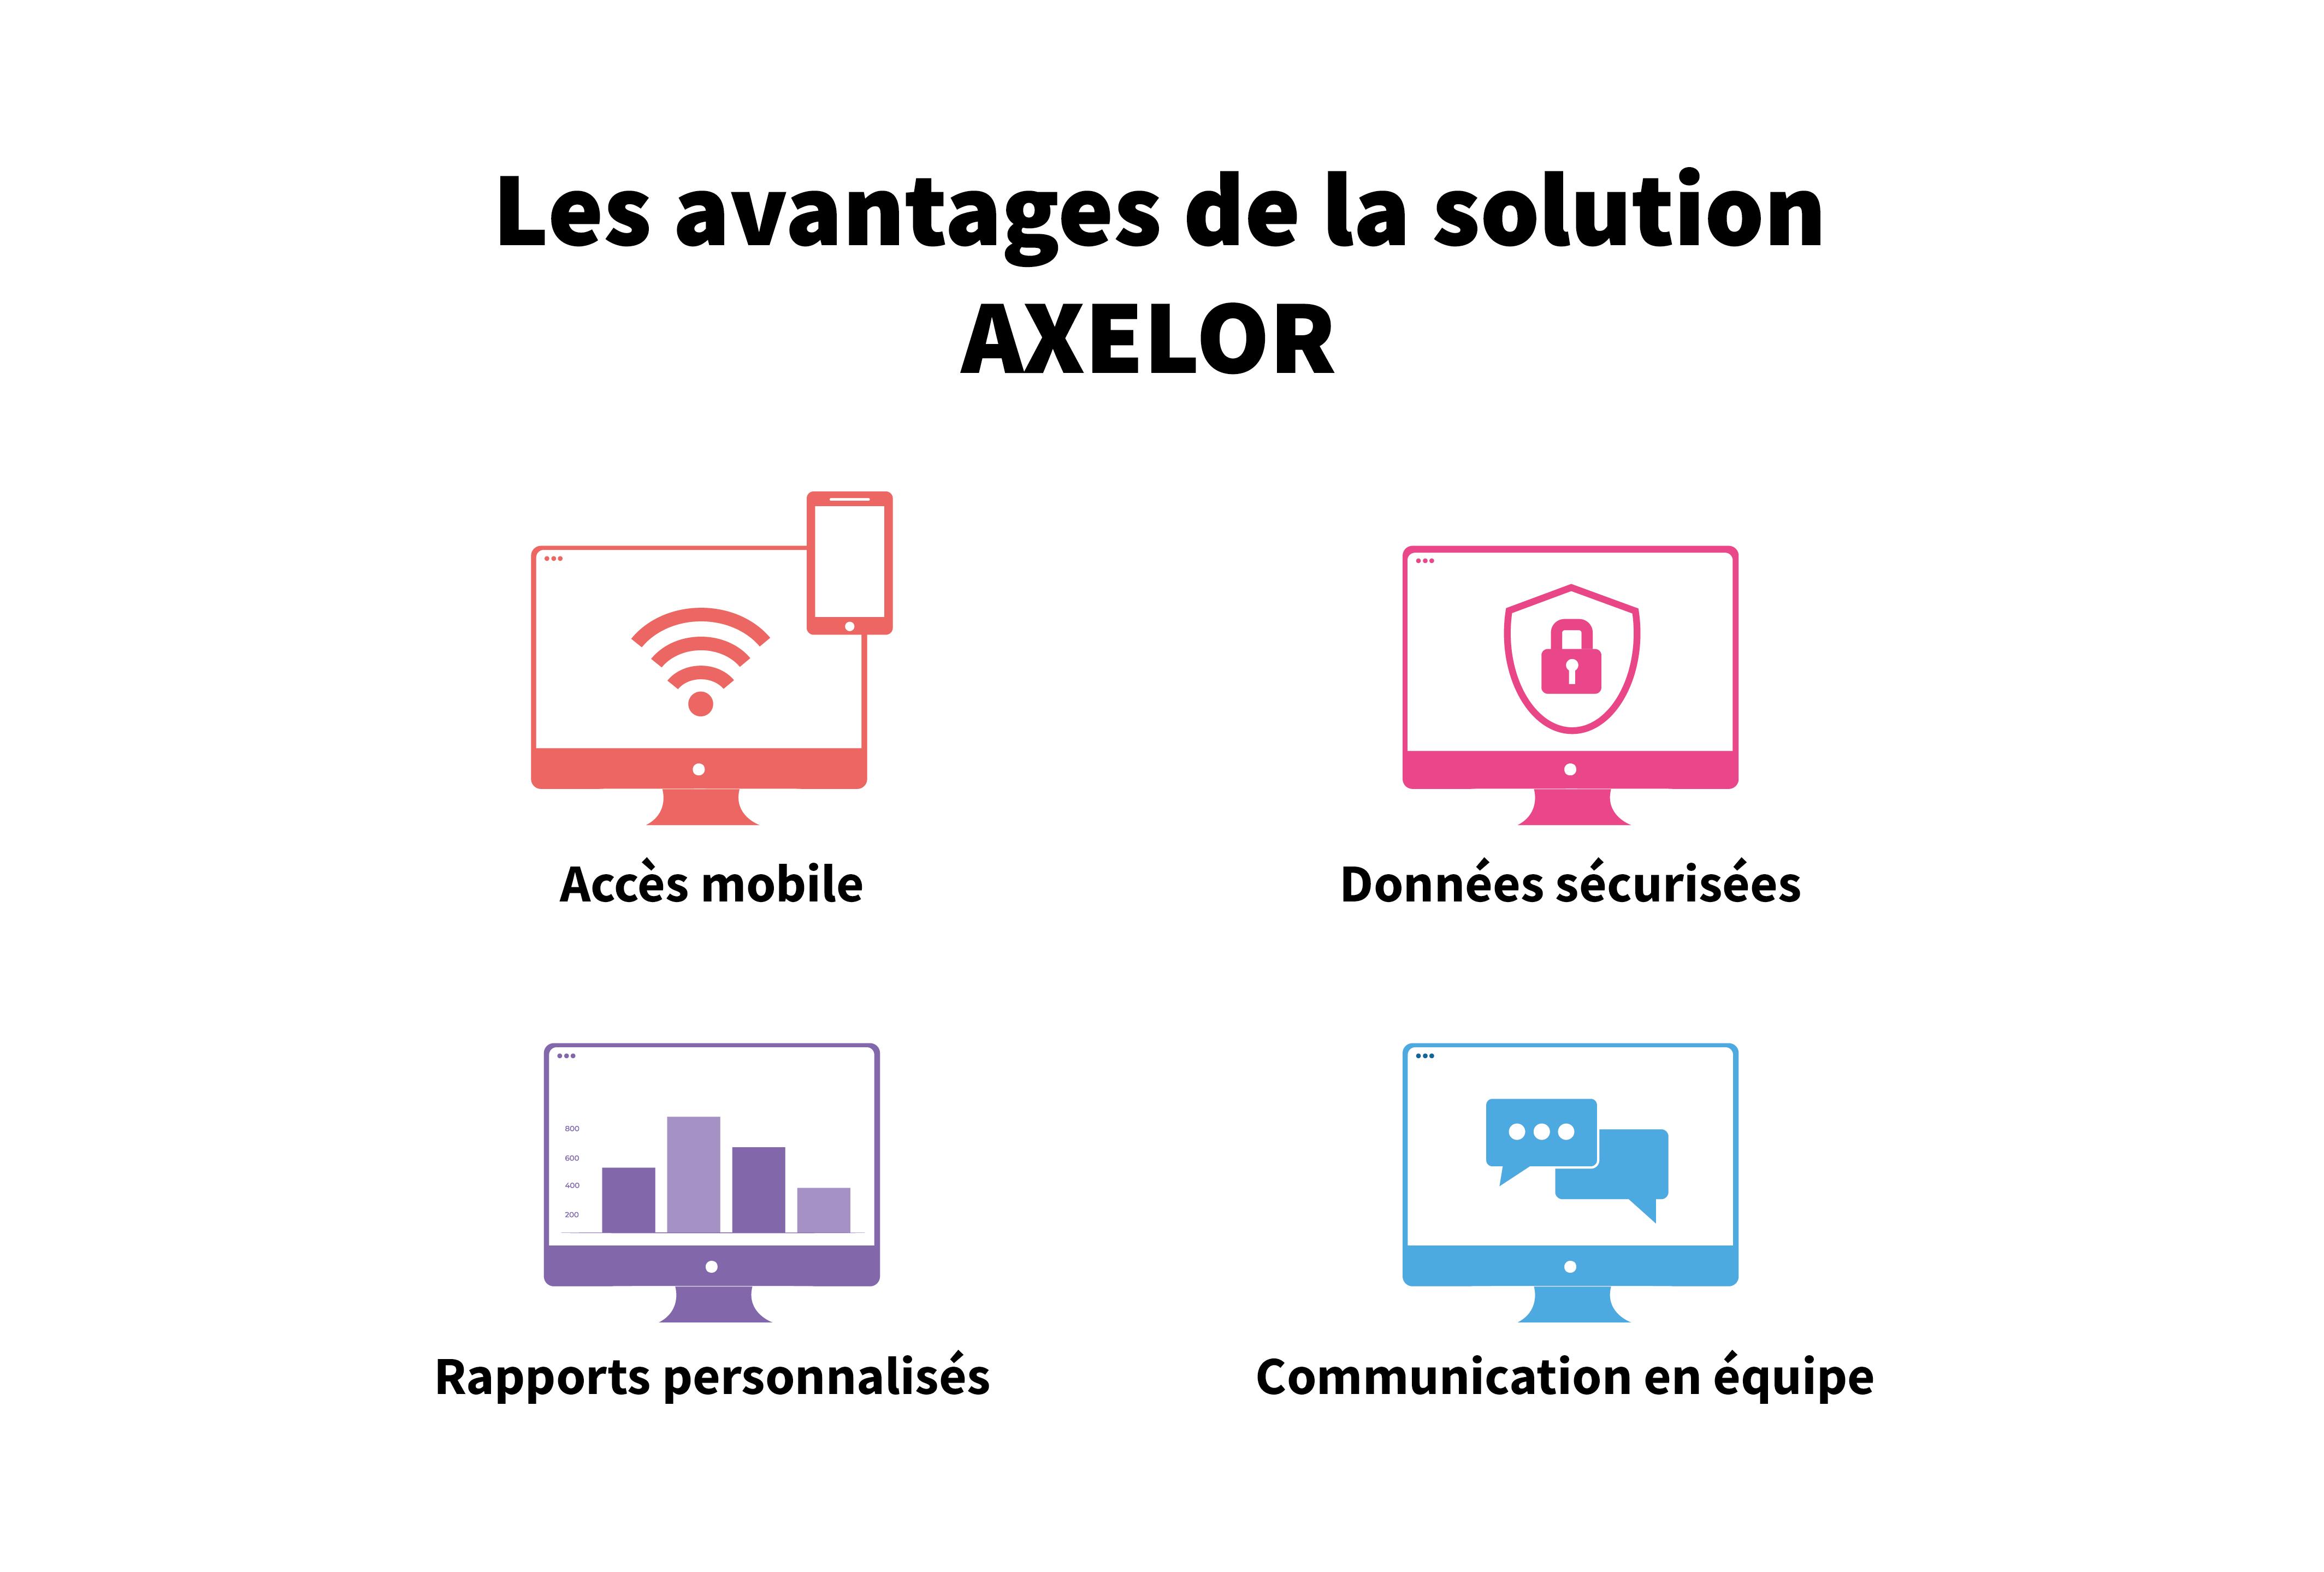 Les avantages de la solution - AXELOR